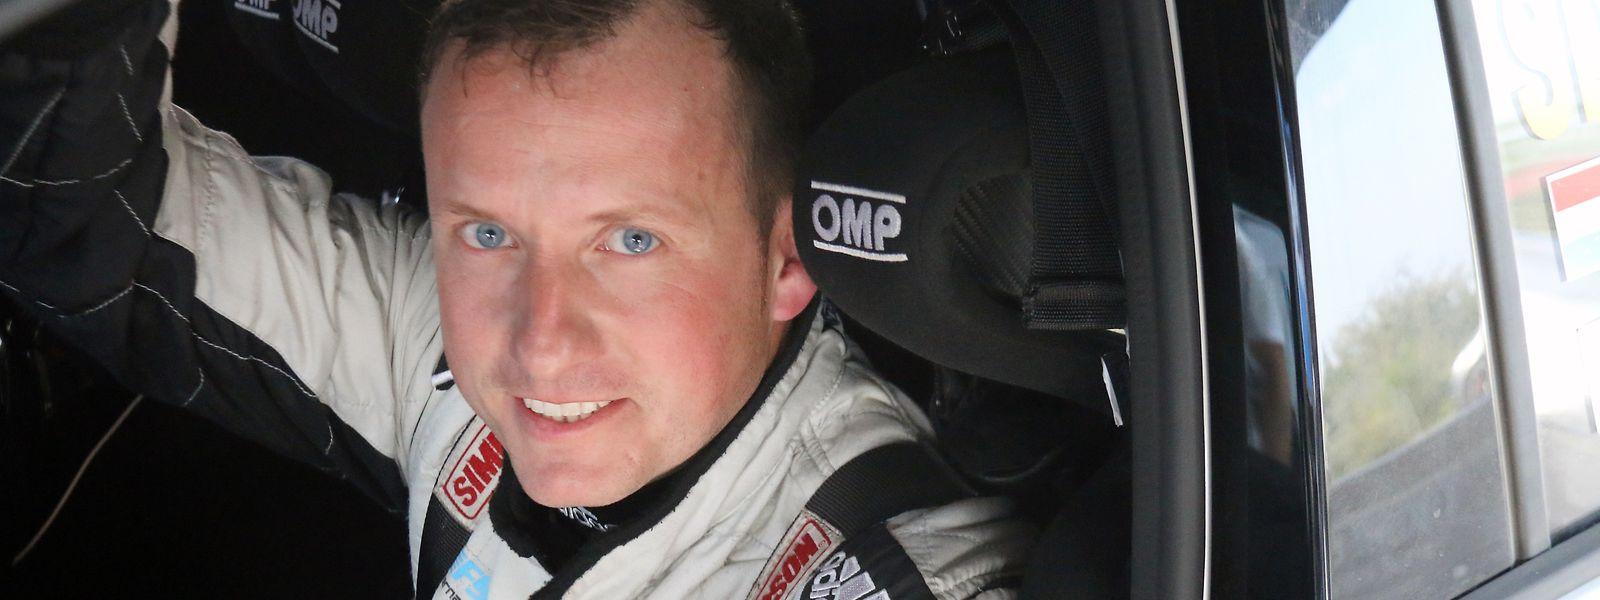 Steve Fernandes terminou no terceiro lugar da edição deste ano do Rali do Luxemburgo.